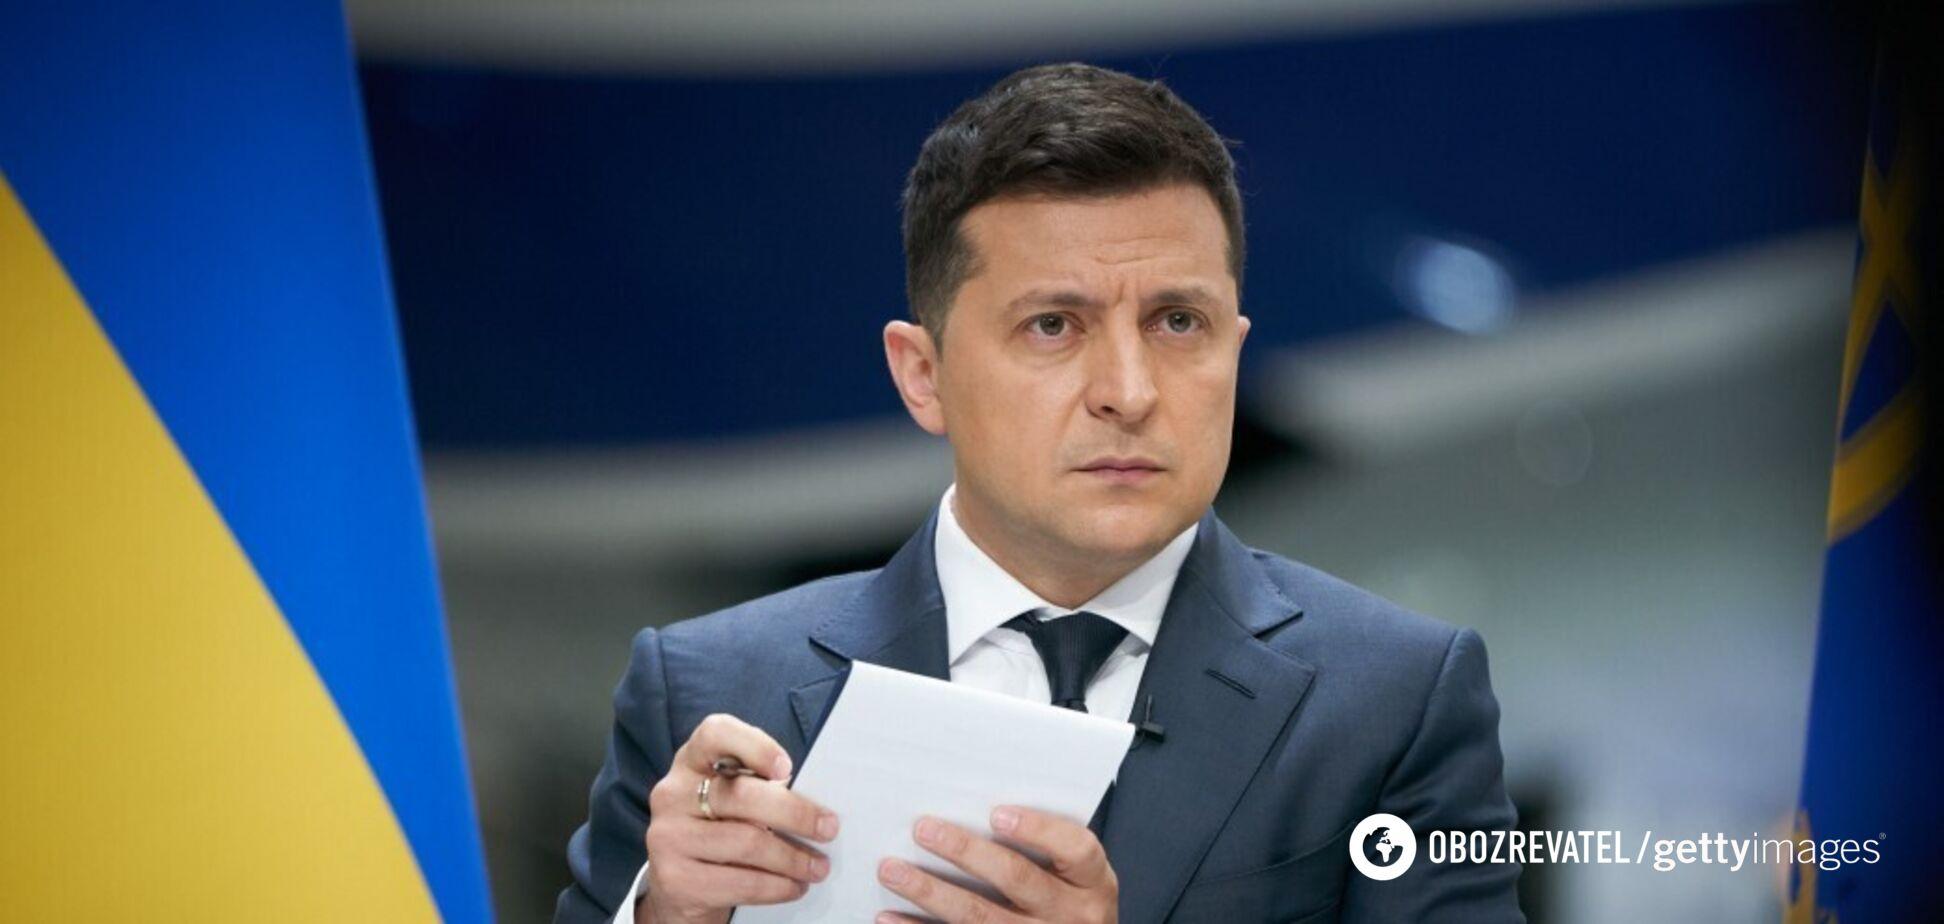 Зеленський прибув на переговори до Німеччини: перше фото